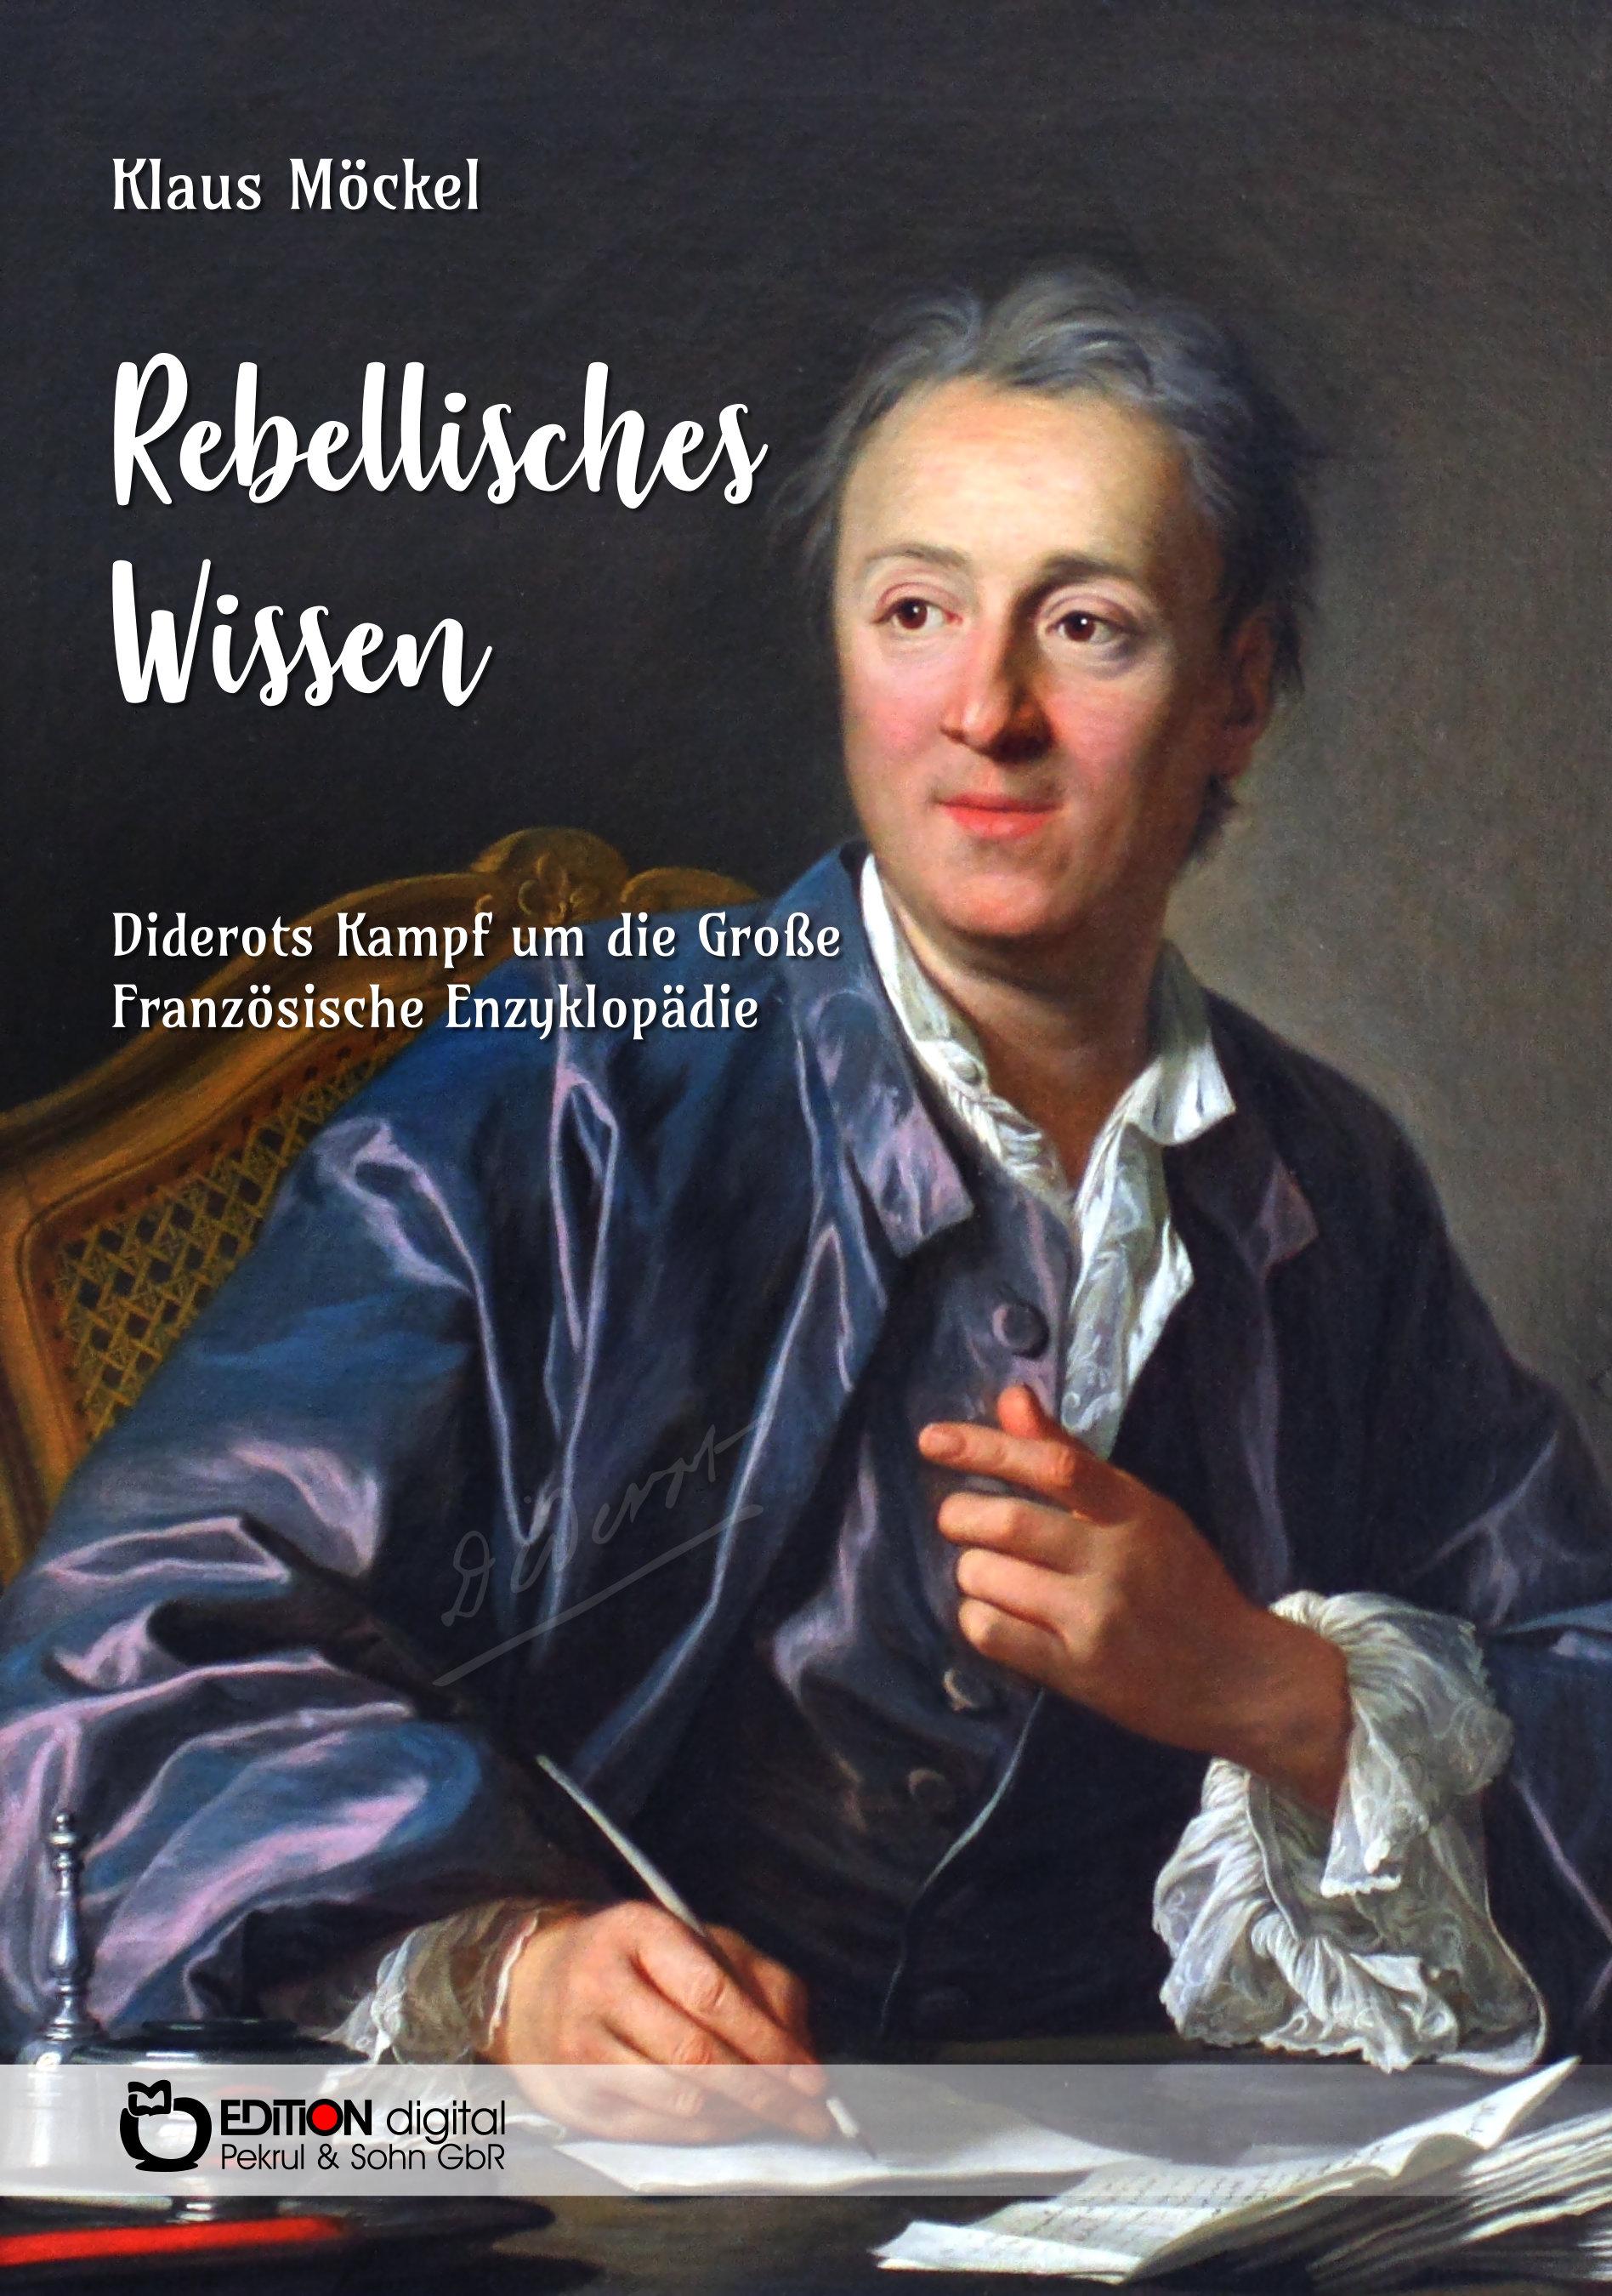 Rebellisches Wissen. Diderots Kampf um die Große Französische Enzyklopädie von Klaus Möckel